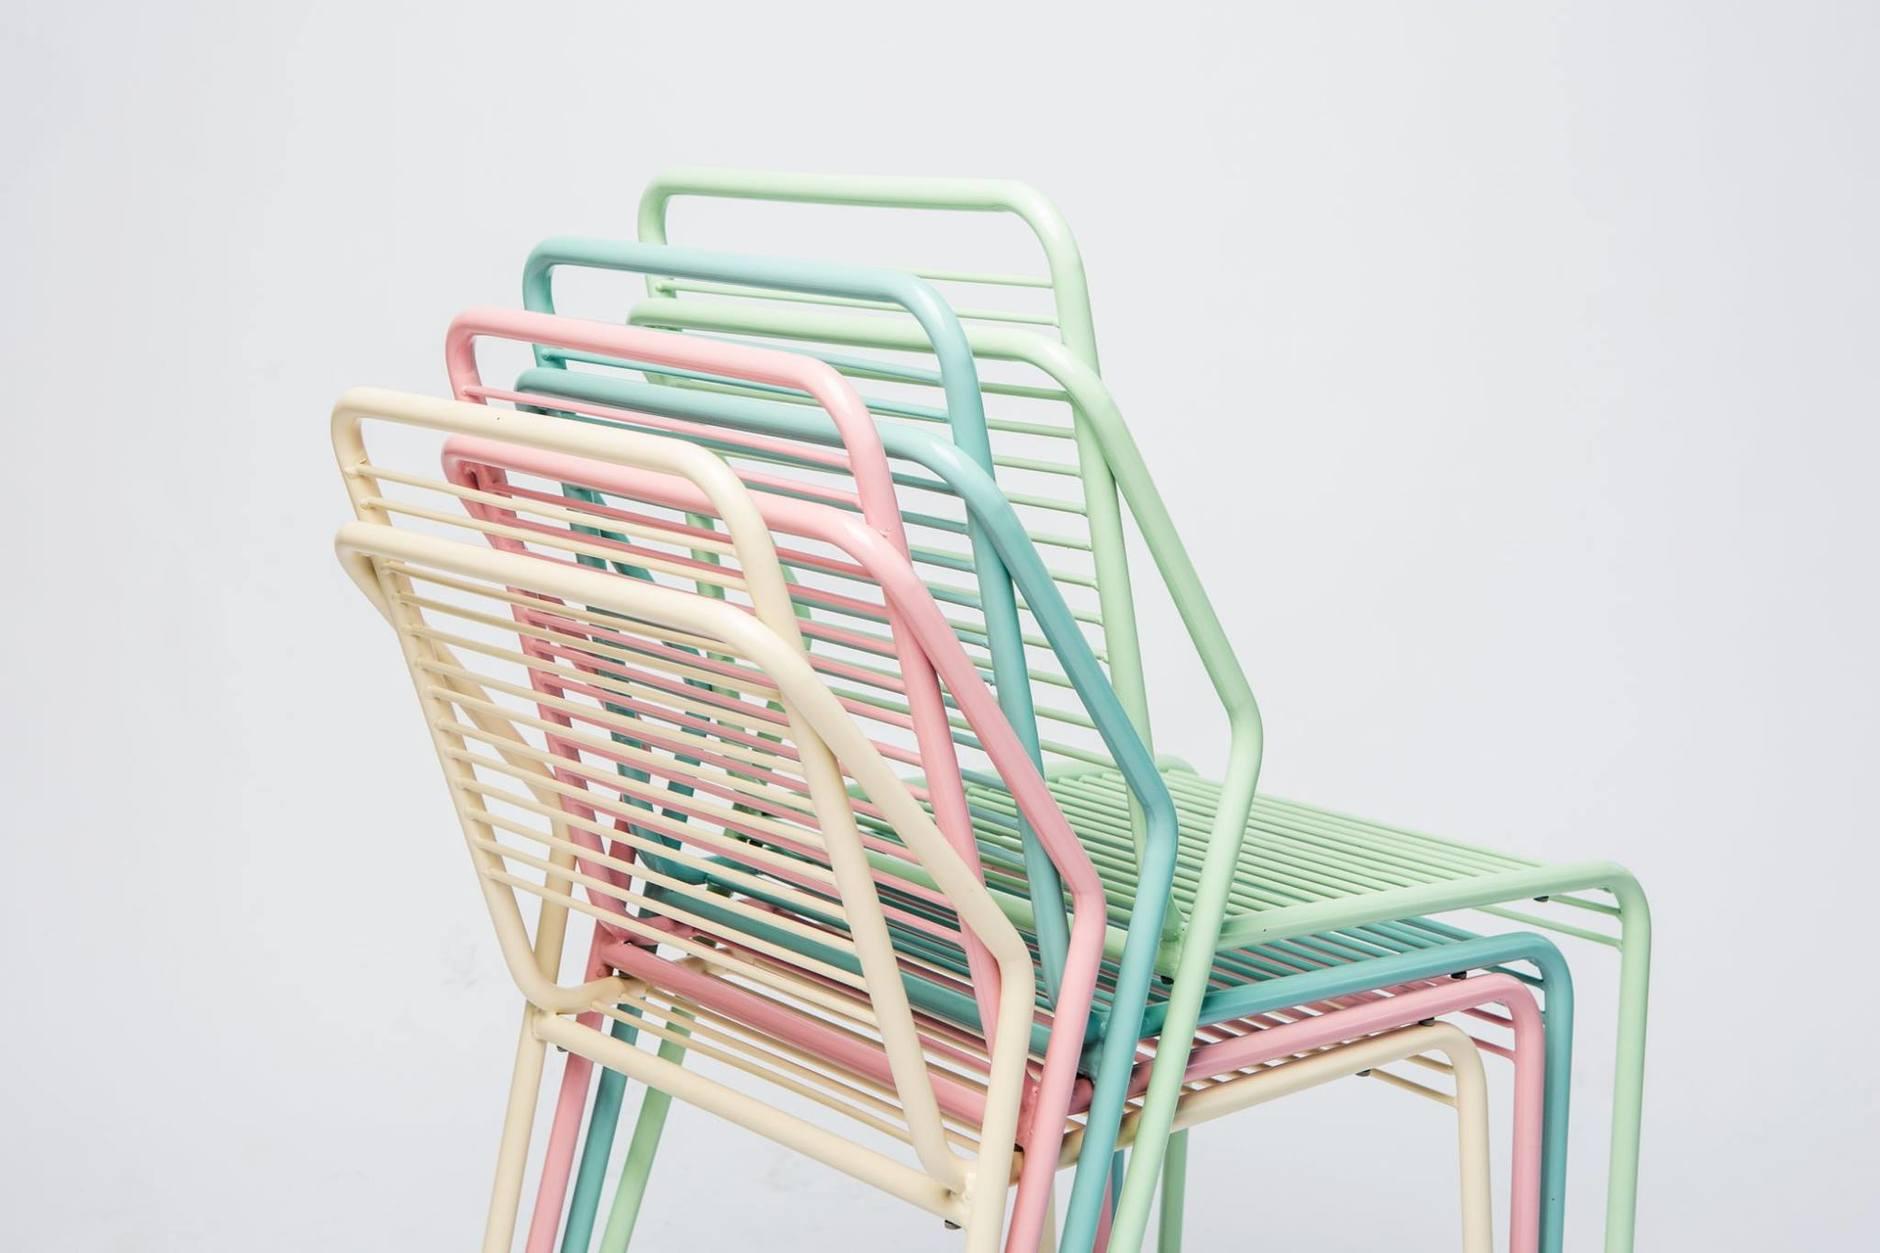 Русский дизайн: стулья от Александра Жуковского (галерея 3, фото 0)